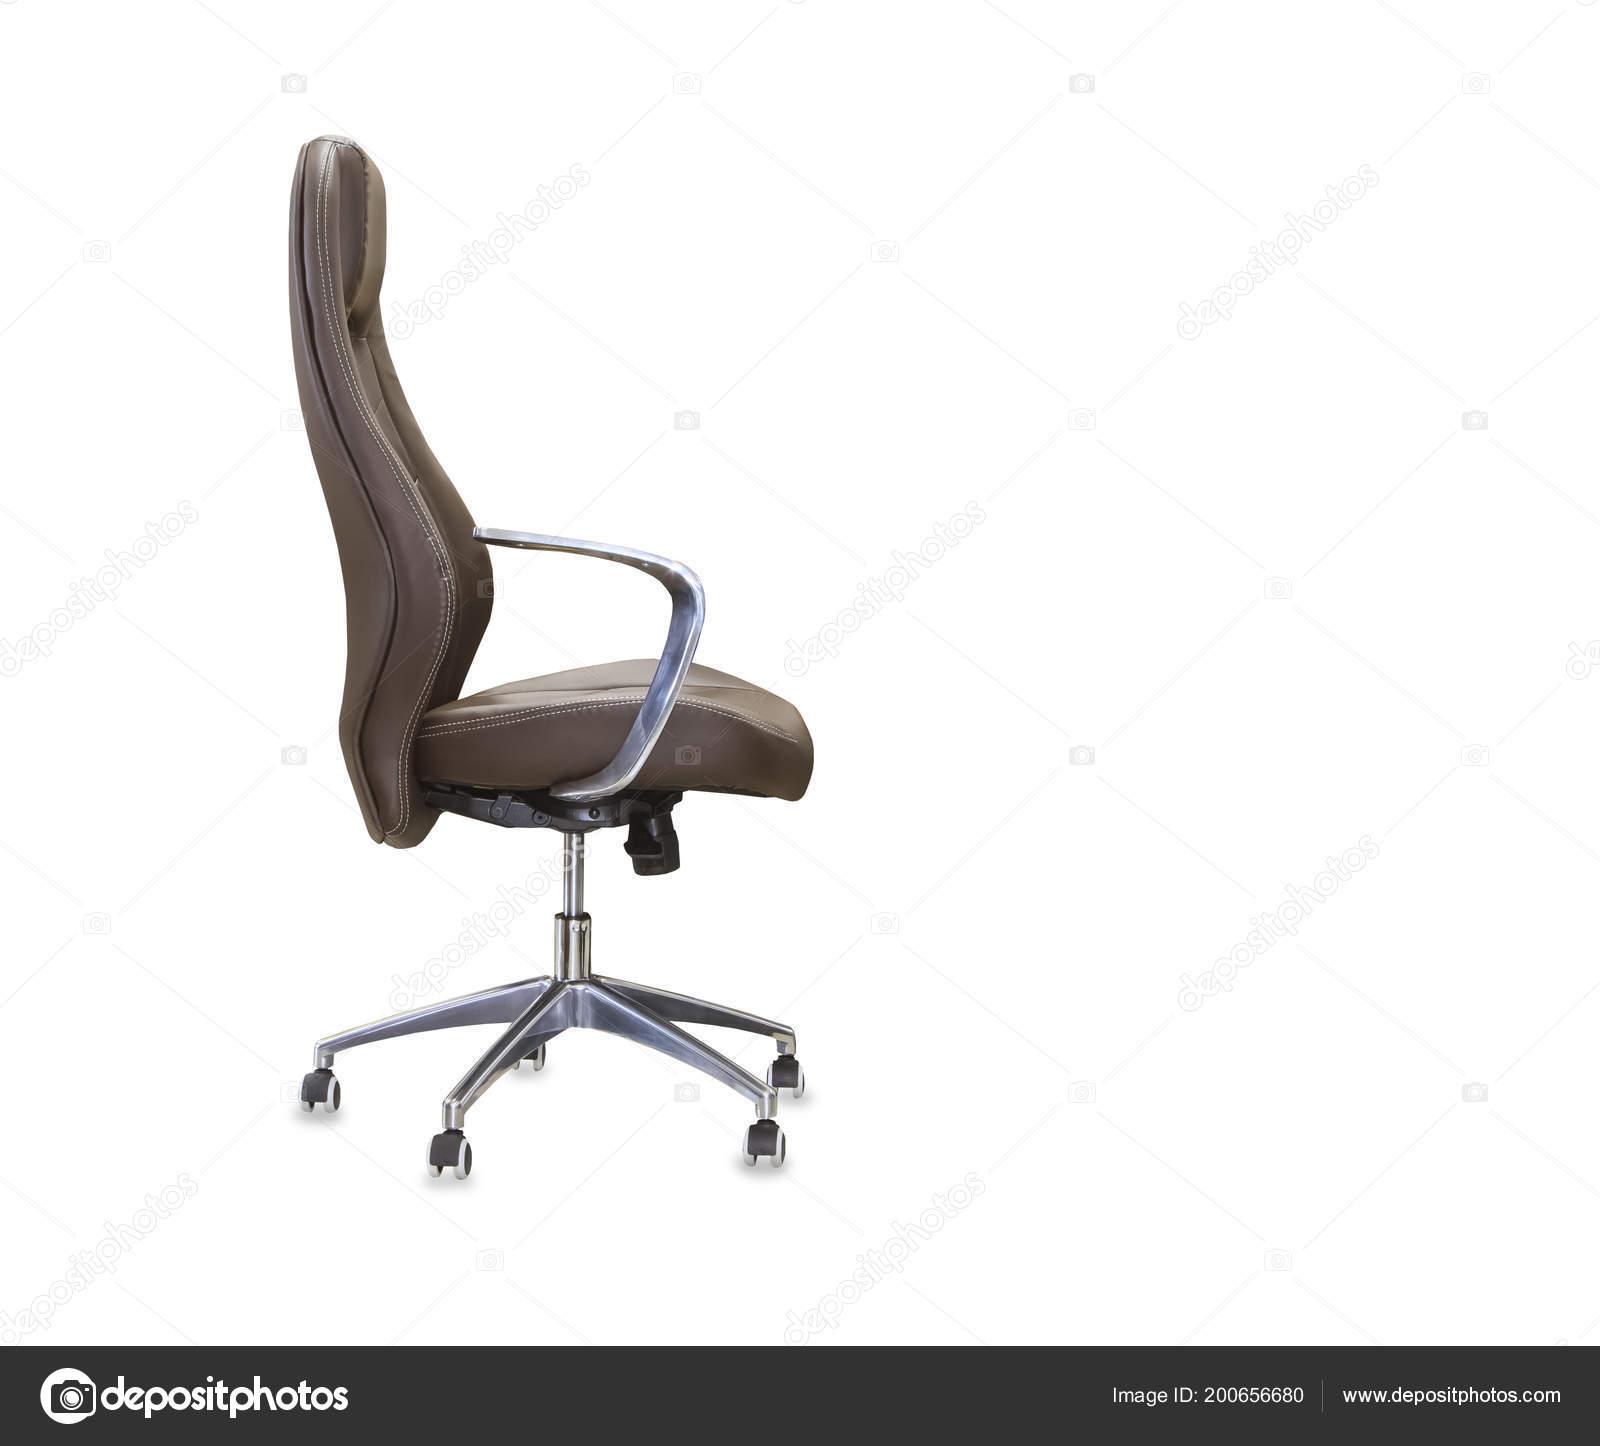 Poltrona Ufficio Pelle Marrone.Vista Profilo Sedia Ufficio Pelle Marrone Isolato Foto Stock